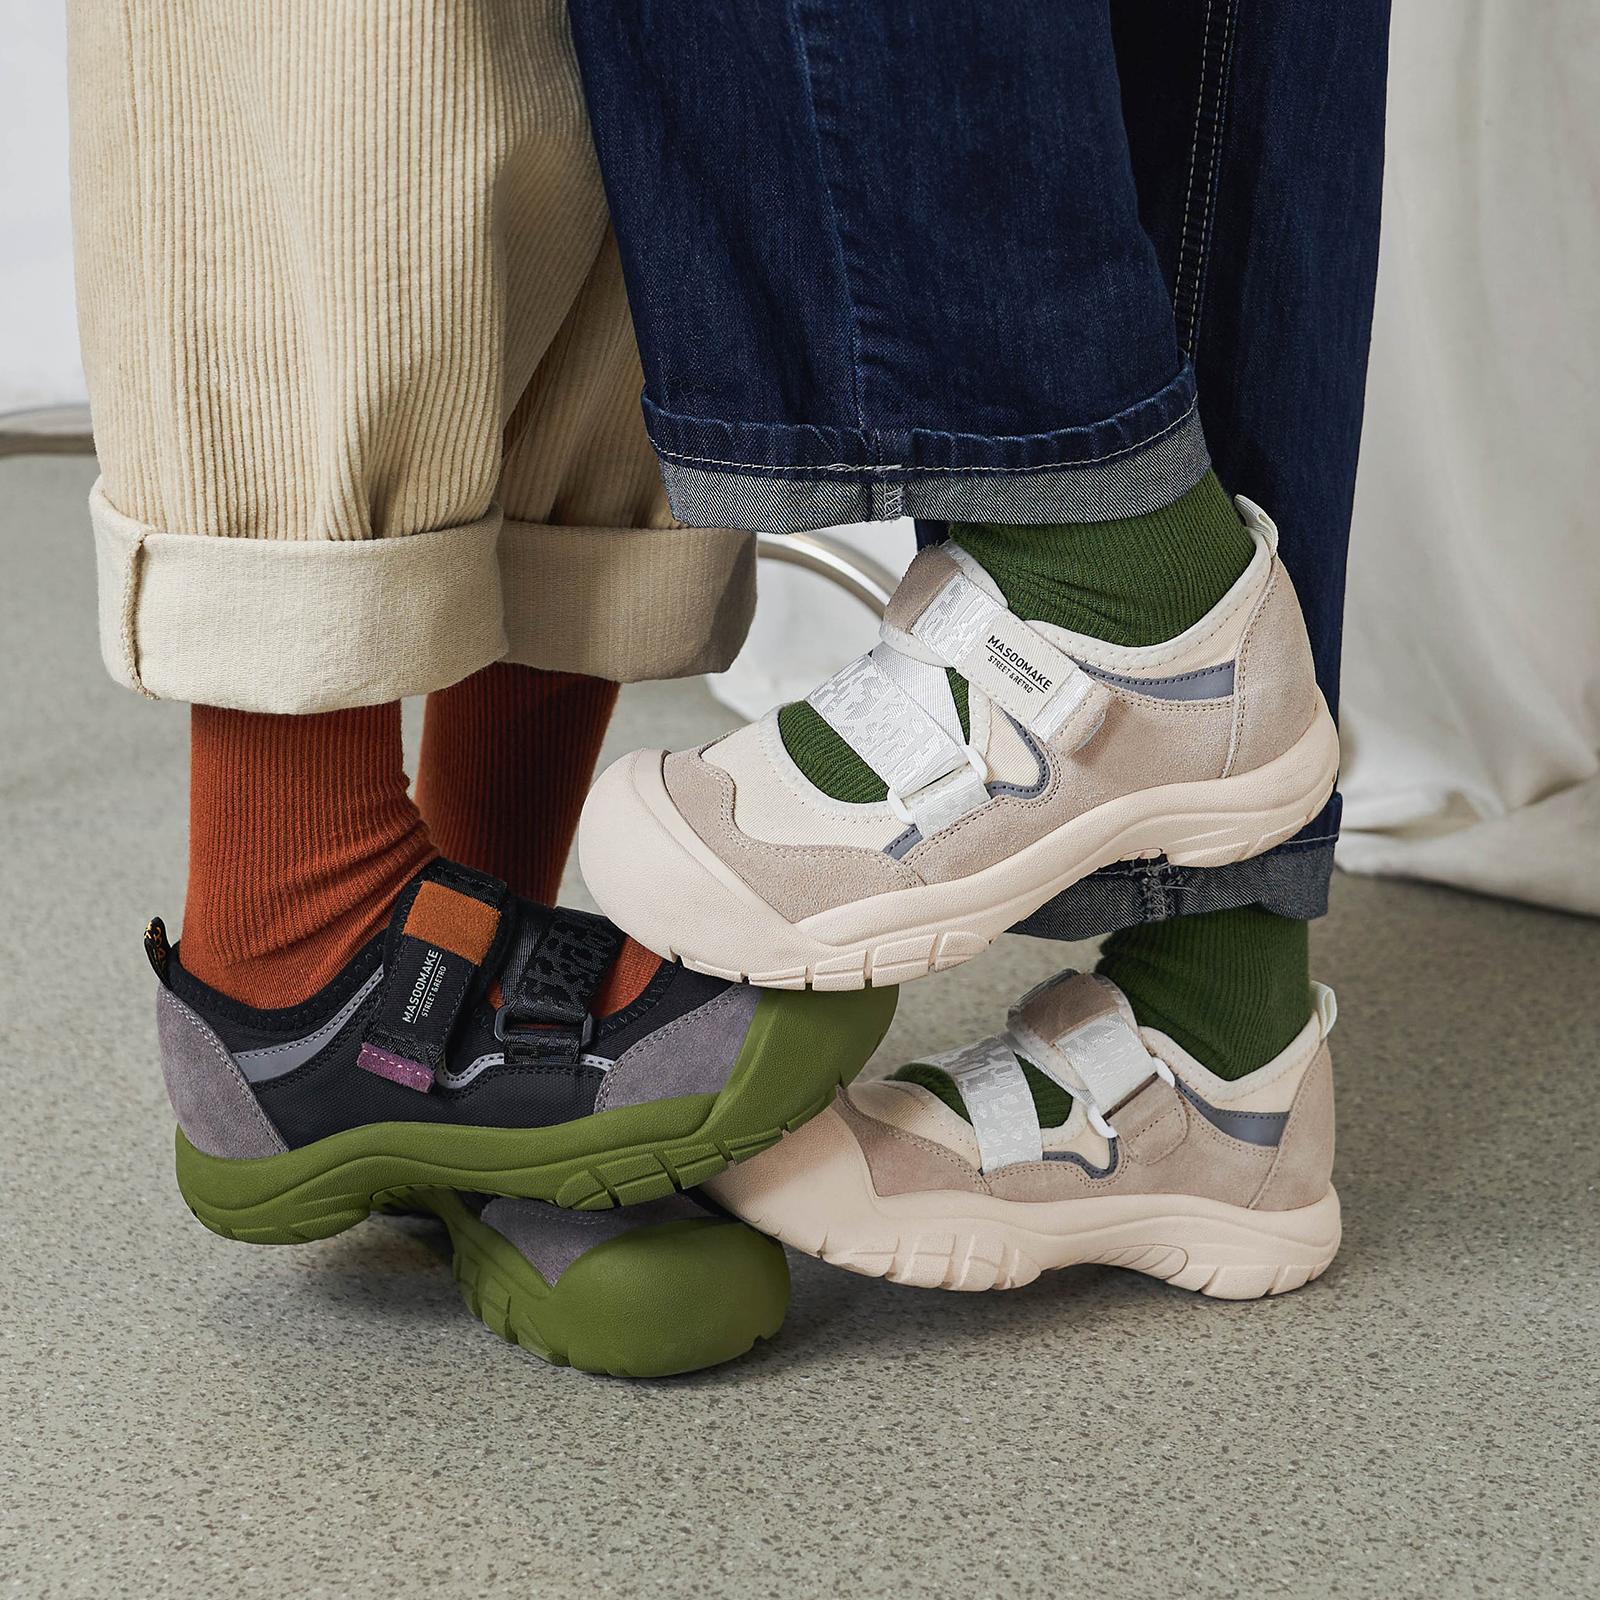 玛速主义 丑萌魔术贴老爹鞋女夏大头鞋ins潮网红休闲娃娃鞋运动鞋